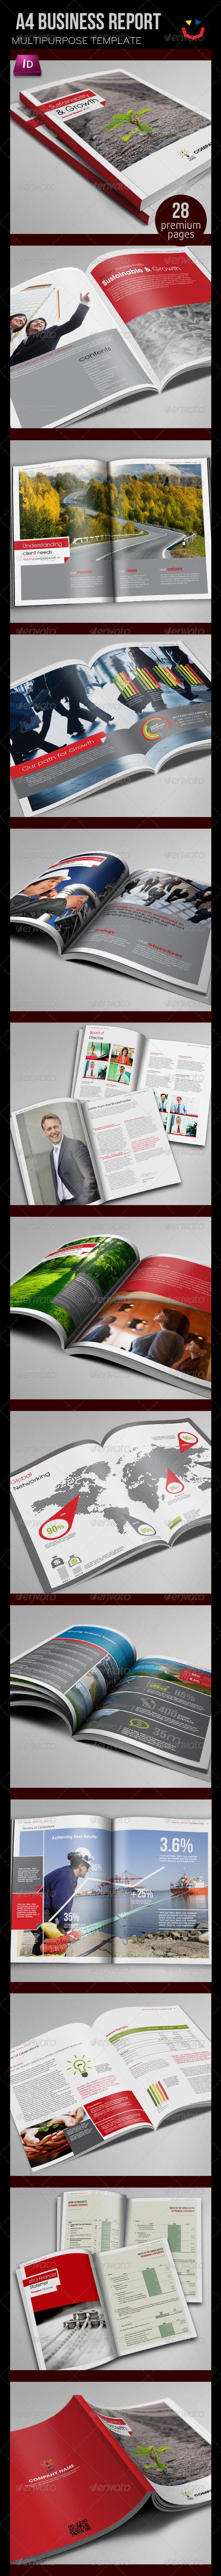 GraphicRiver Annual Report Design Template 3604605